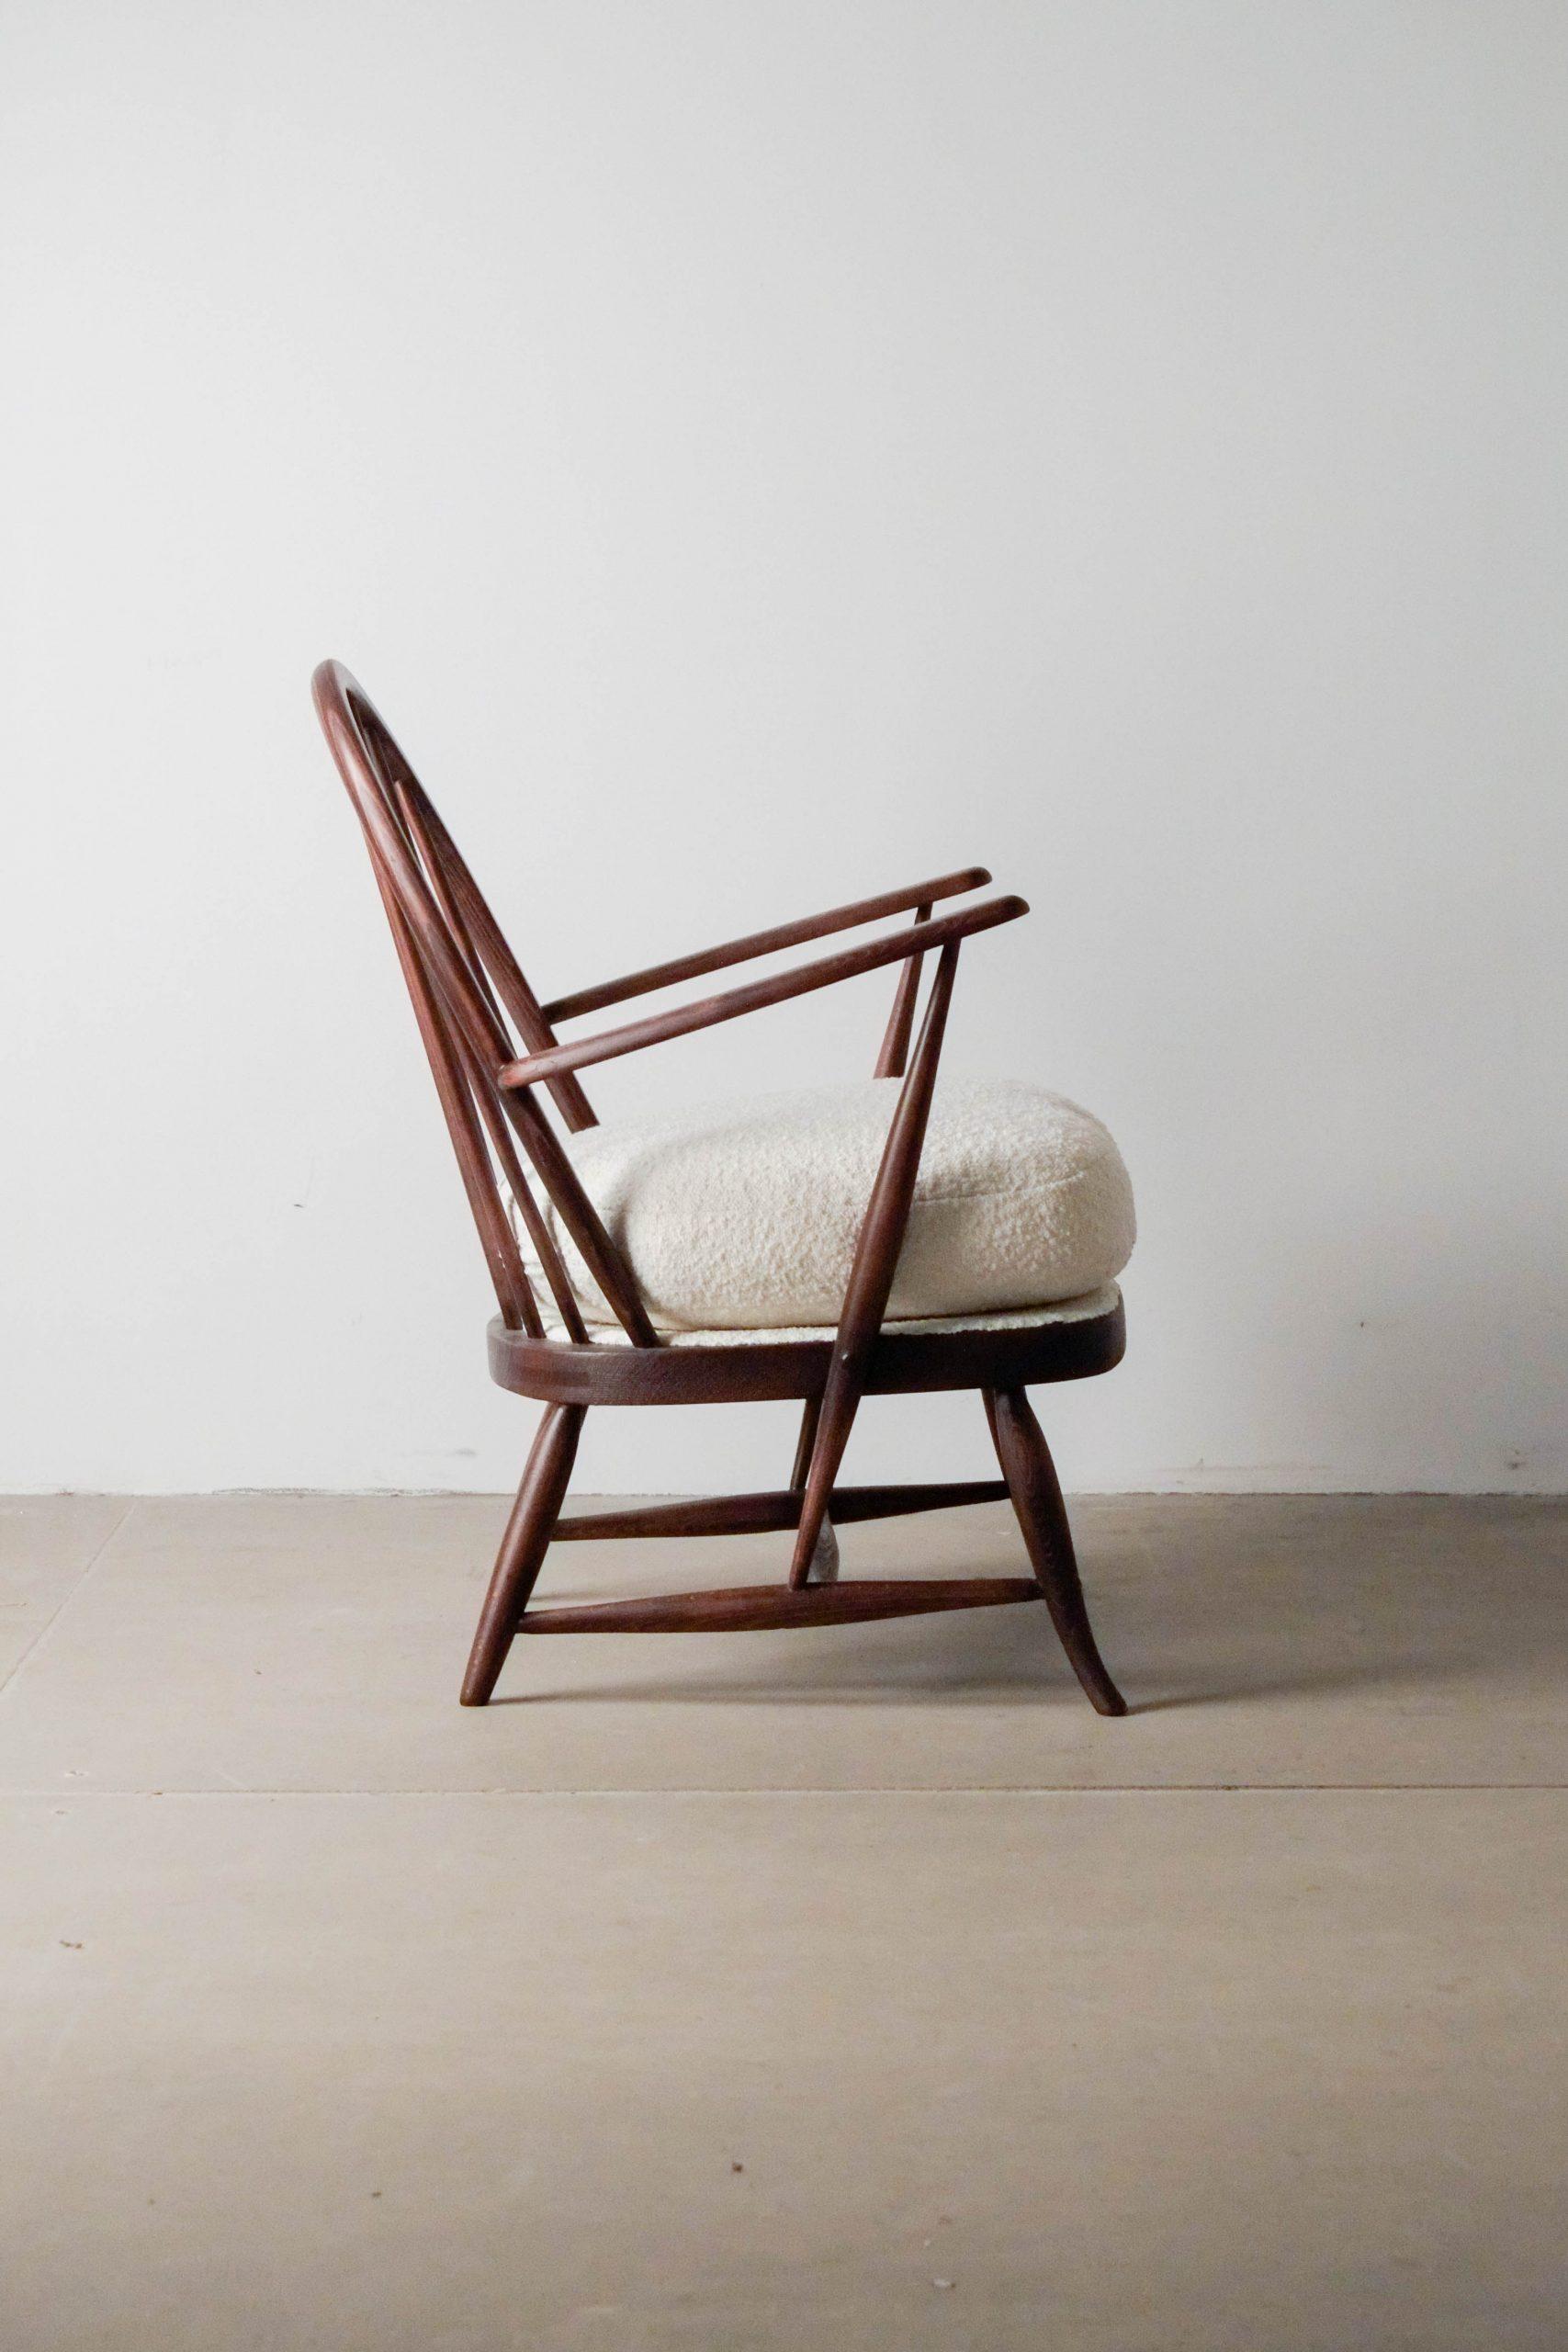 butaca comoda ercol de madera de lectura comoda tapizada